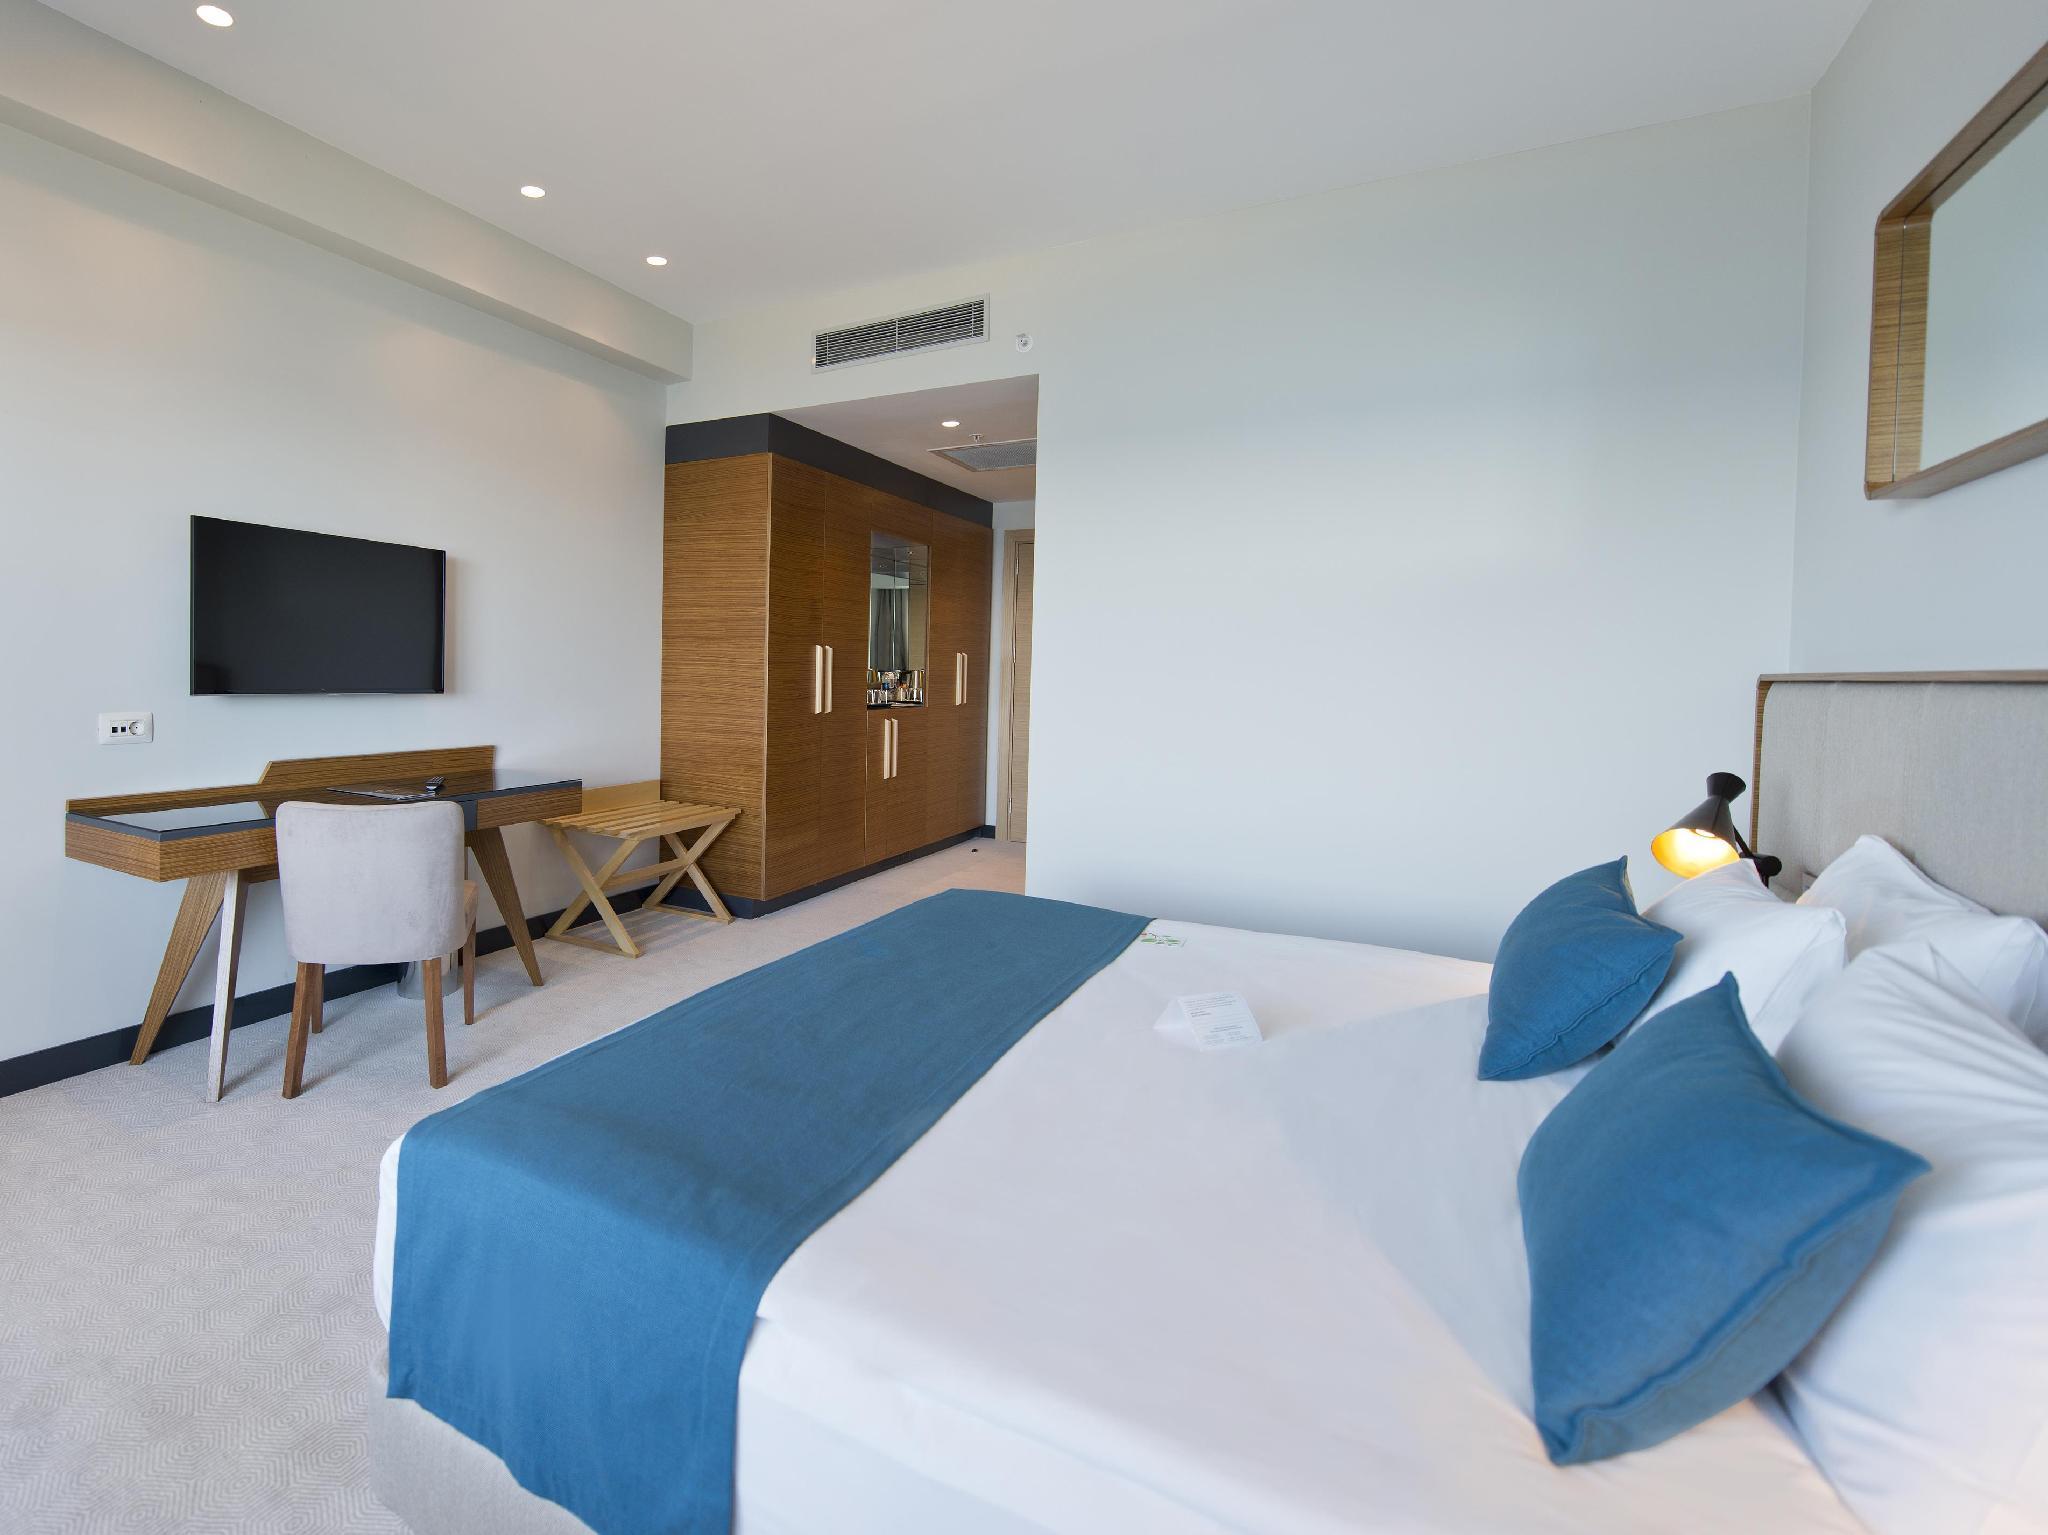 غرفة بسرير كينج (1 King Bed Room)